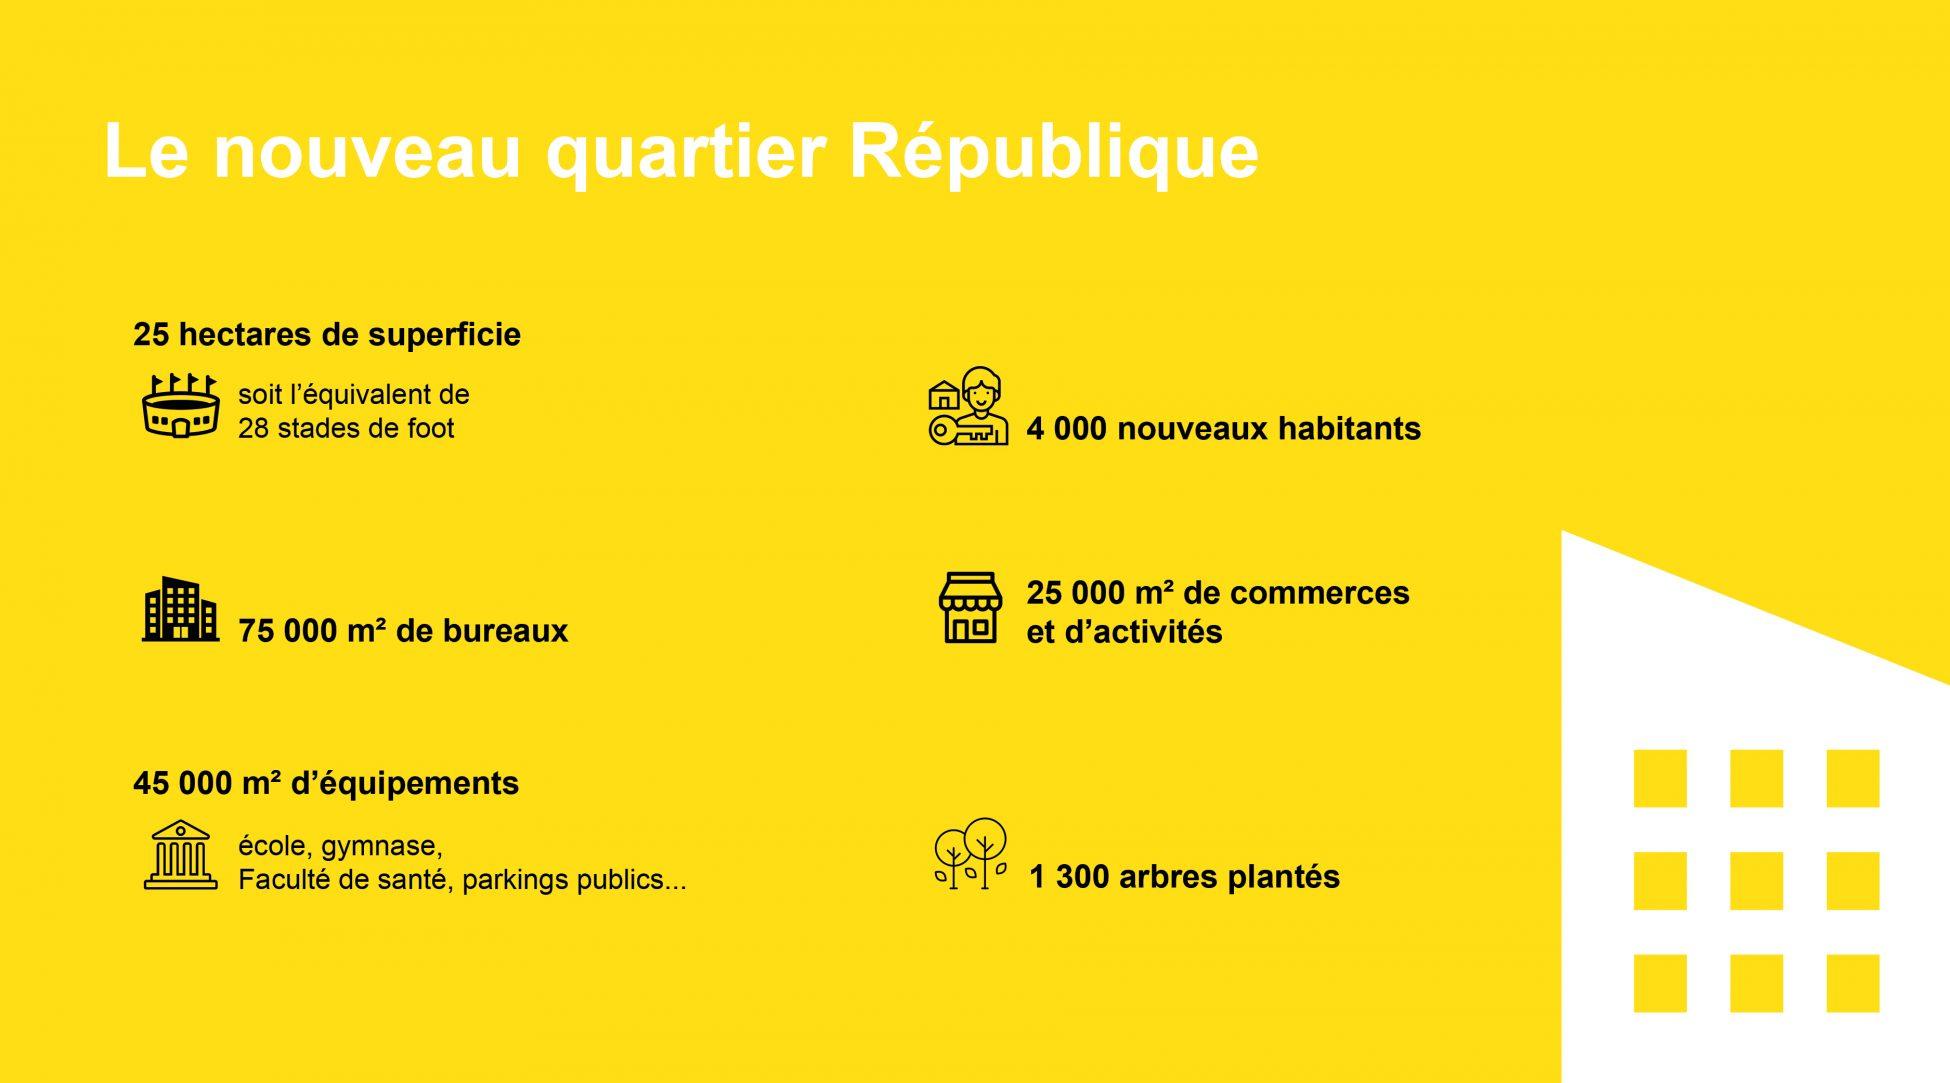 NouveauQuartierRepublique scaled - Le nouveau quartier République réinvente la vie de faubourg